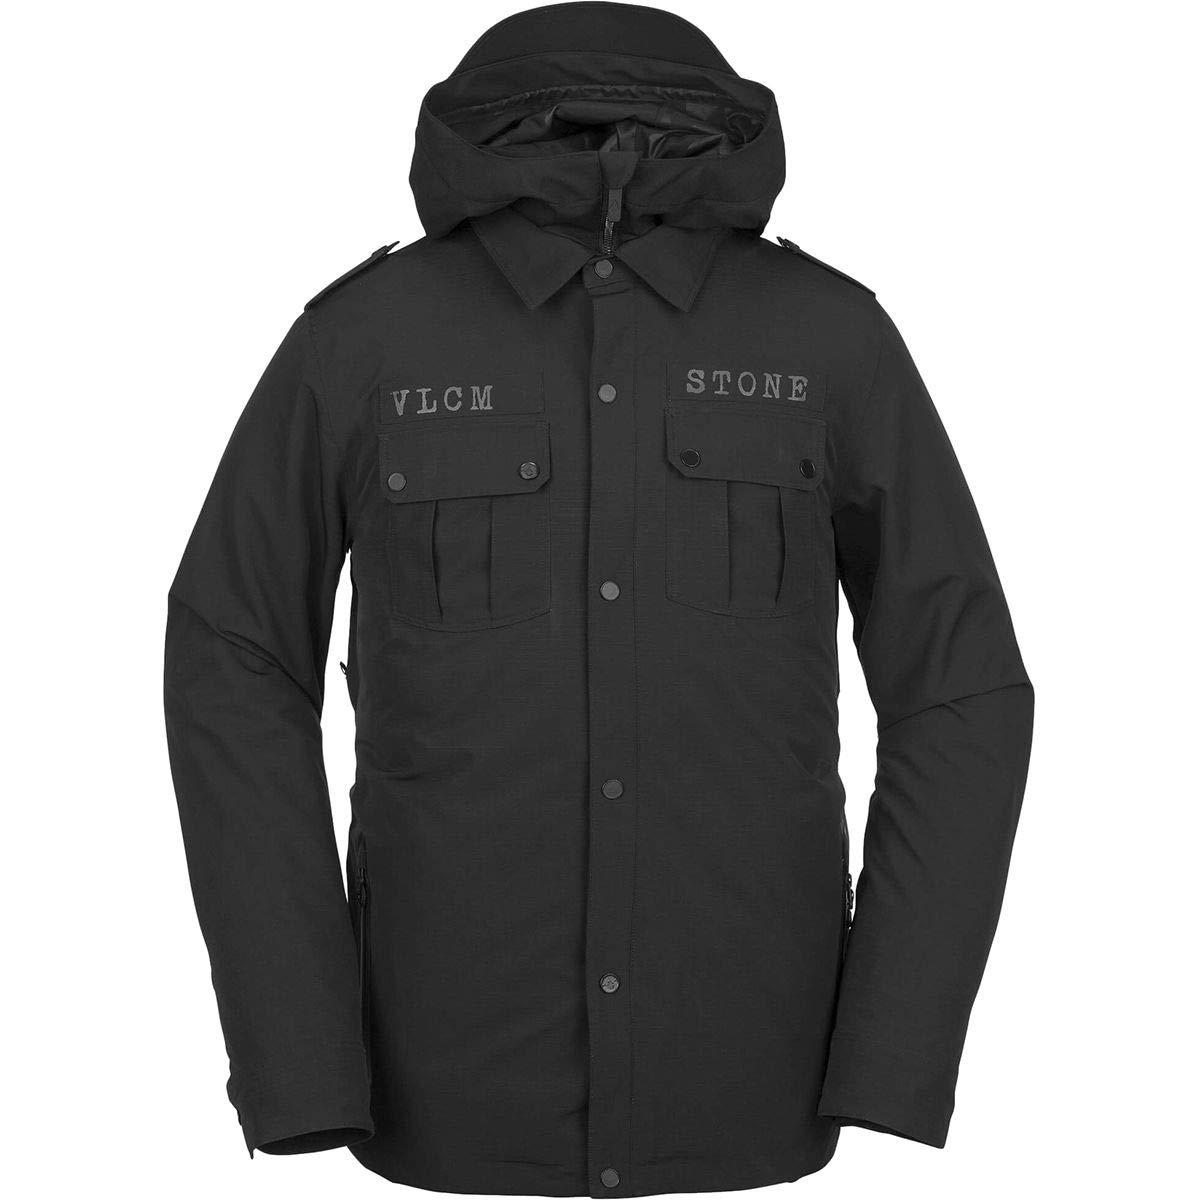 (ボルコム) Volcom Creedle2Stone Jacket メンズ スノーボード ウェア ジャケット黒 [並行輸入品] 黒 日本サイズ XL相当 (US XL)